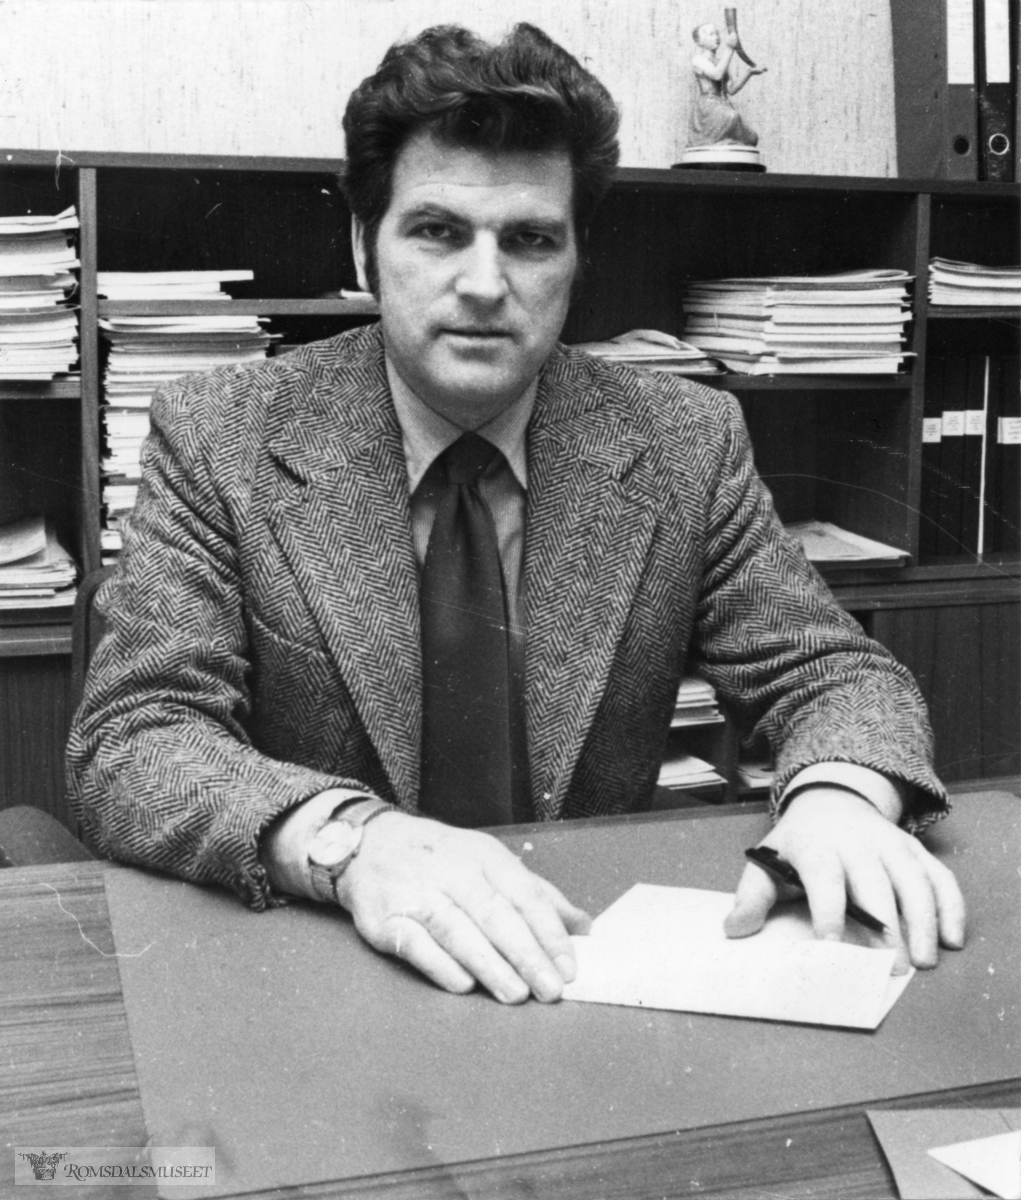 Fylkesordfører og Stortingsrepresentant Kjell Furnes f.21. 06.1936 i Giske, Møre og Romsdal) er en norsk politiker (KrF). Han ble innvalgt på Stortinget fra Møre og Romsdal i 1985. Han var vararepresentant i perioden 1981–1985, og møtte fast etter at regjeringen Willoch ble utvidet i juni 1983. Han har også vært ordfører og fylkesordfører..Furnes er utdannet bygningsingeniør. Han var varaordfører i Giske i perioden 1970–1971, ordfører 1972–1975. Han var fylkesordfører i Møre og Romsdal i periodene 1976–1979 og 1979–1983.